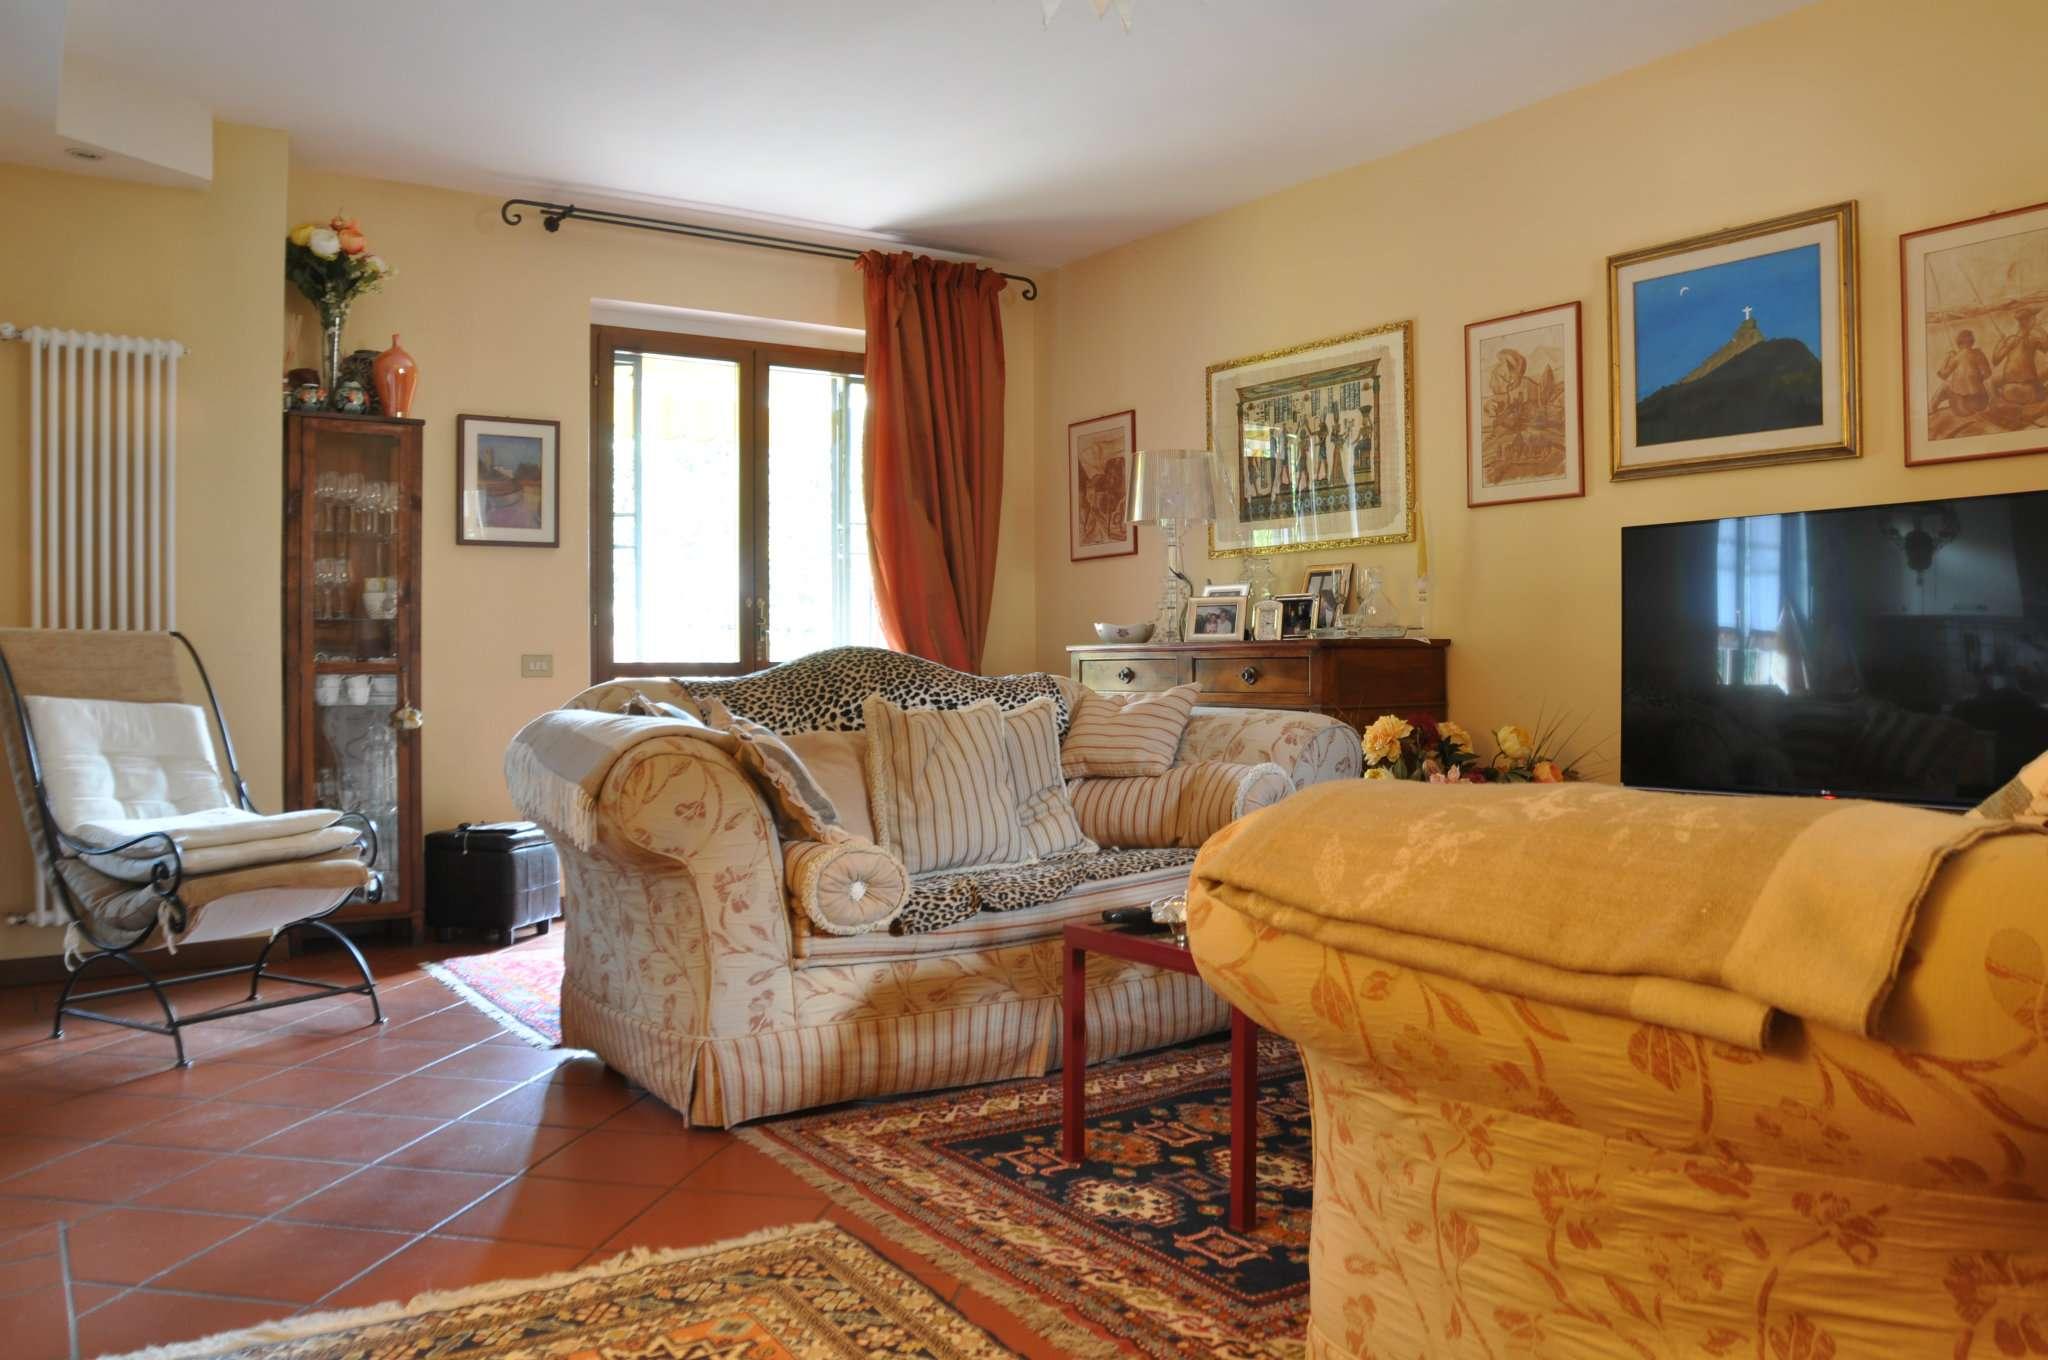 Soluzione Indipendente in vendita a Pistoia, 6 locali, prezzo € 270.000 | Cambio Casa.it